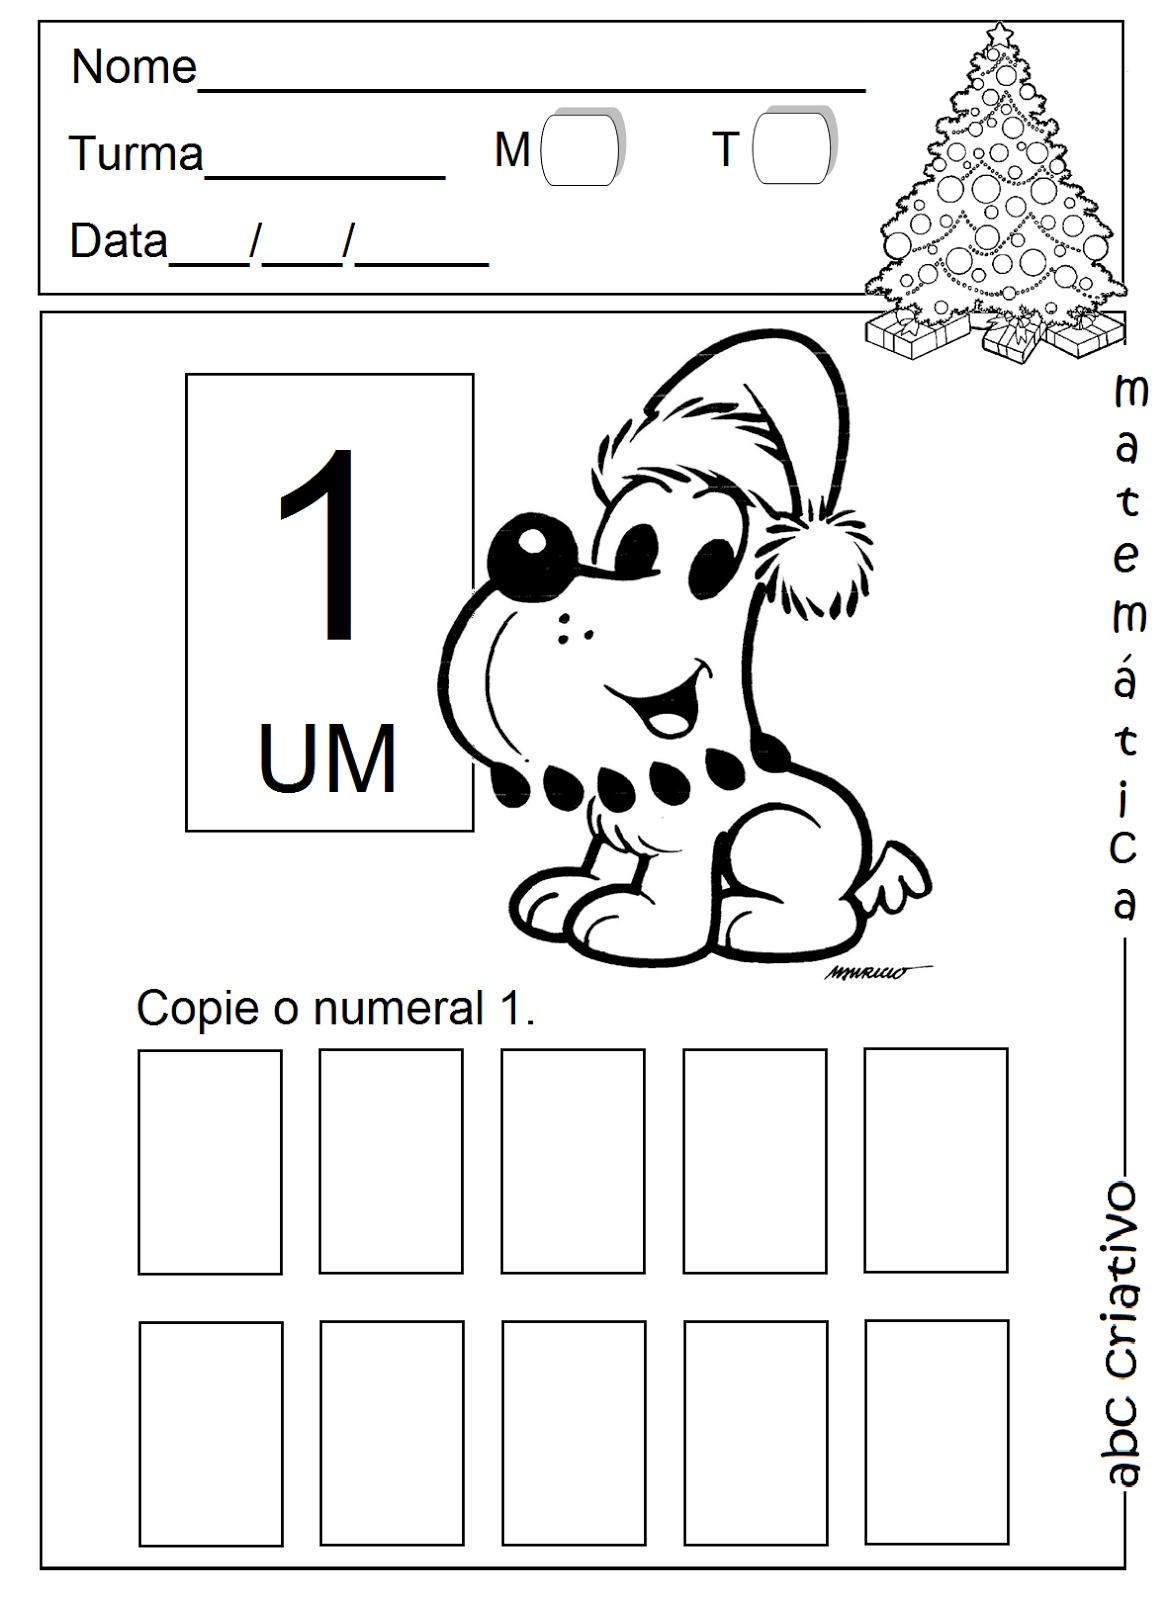 Atividades De Educacao Infantil E Musicalizacao Infantil Matematica